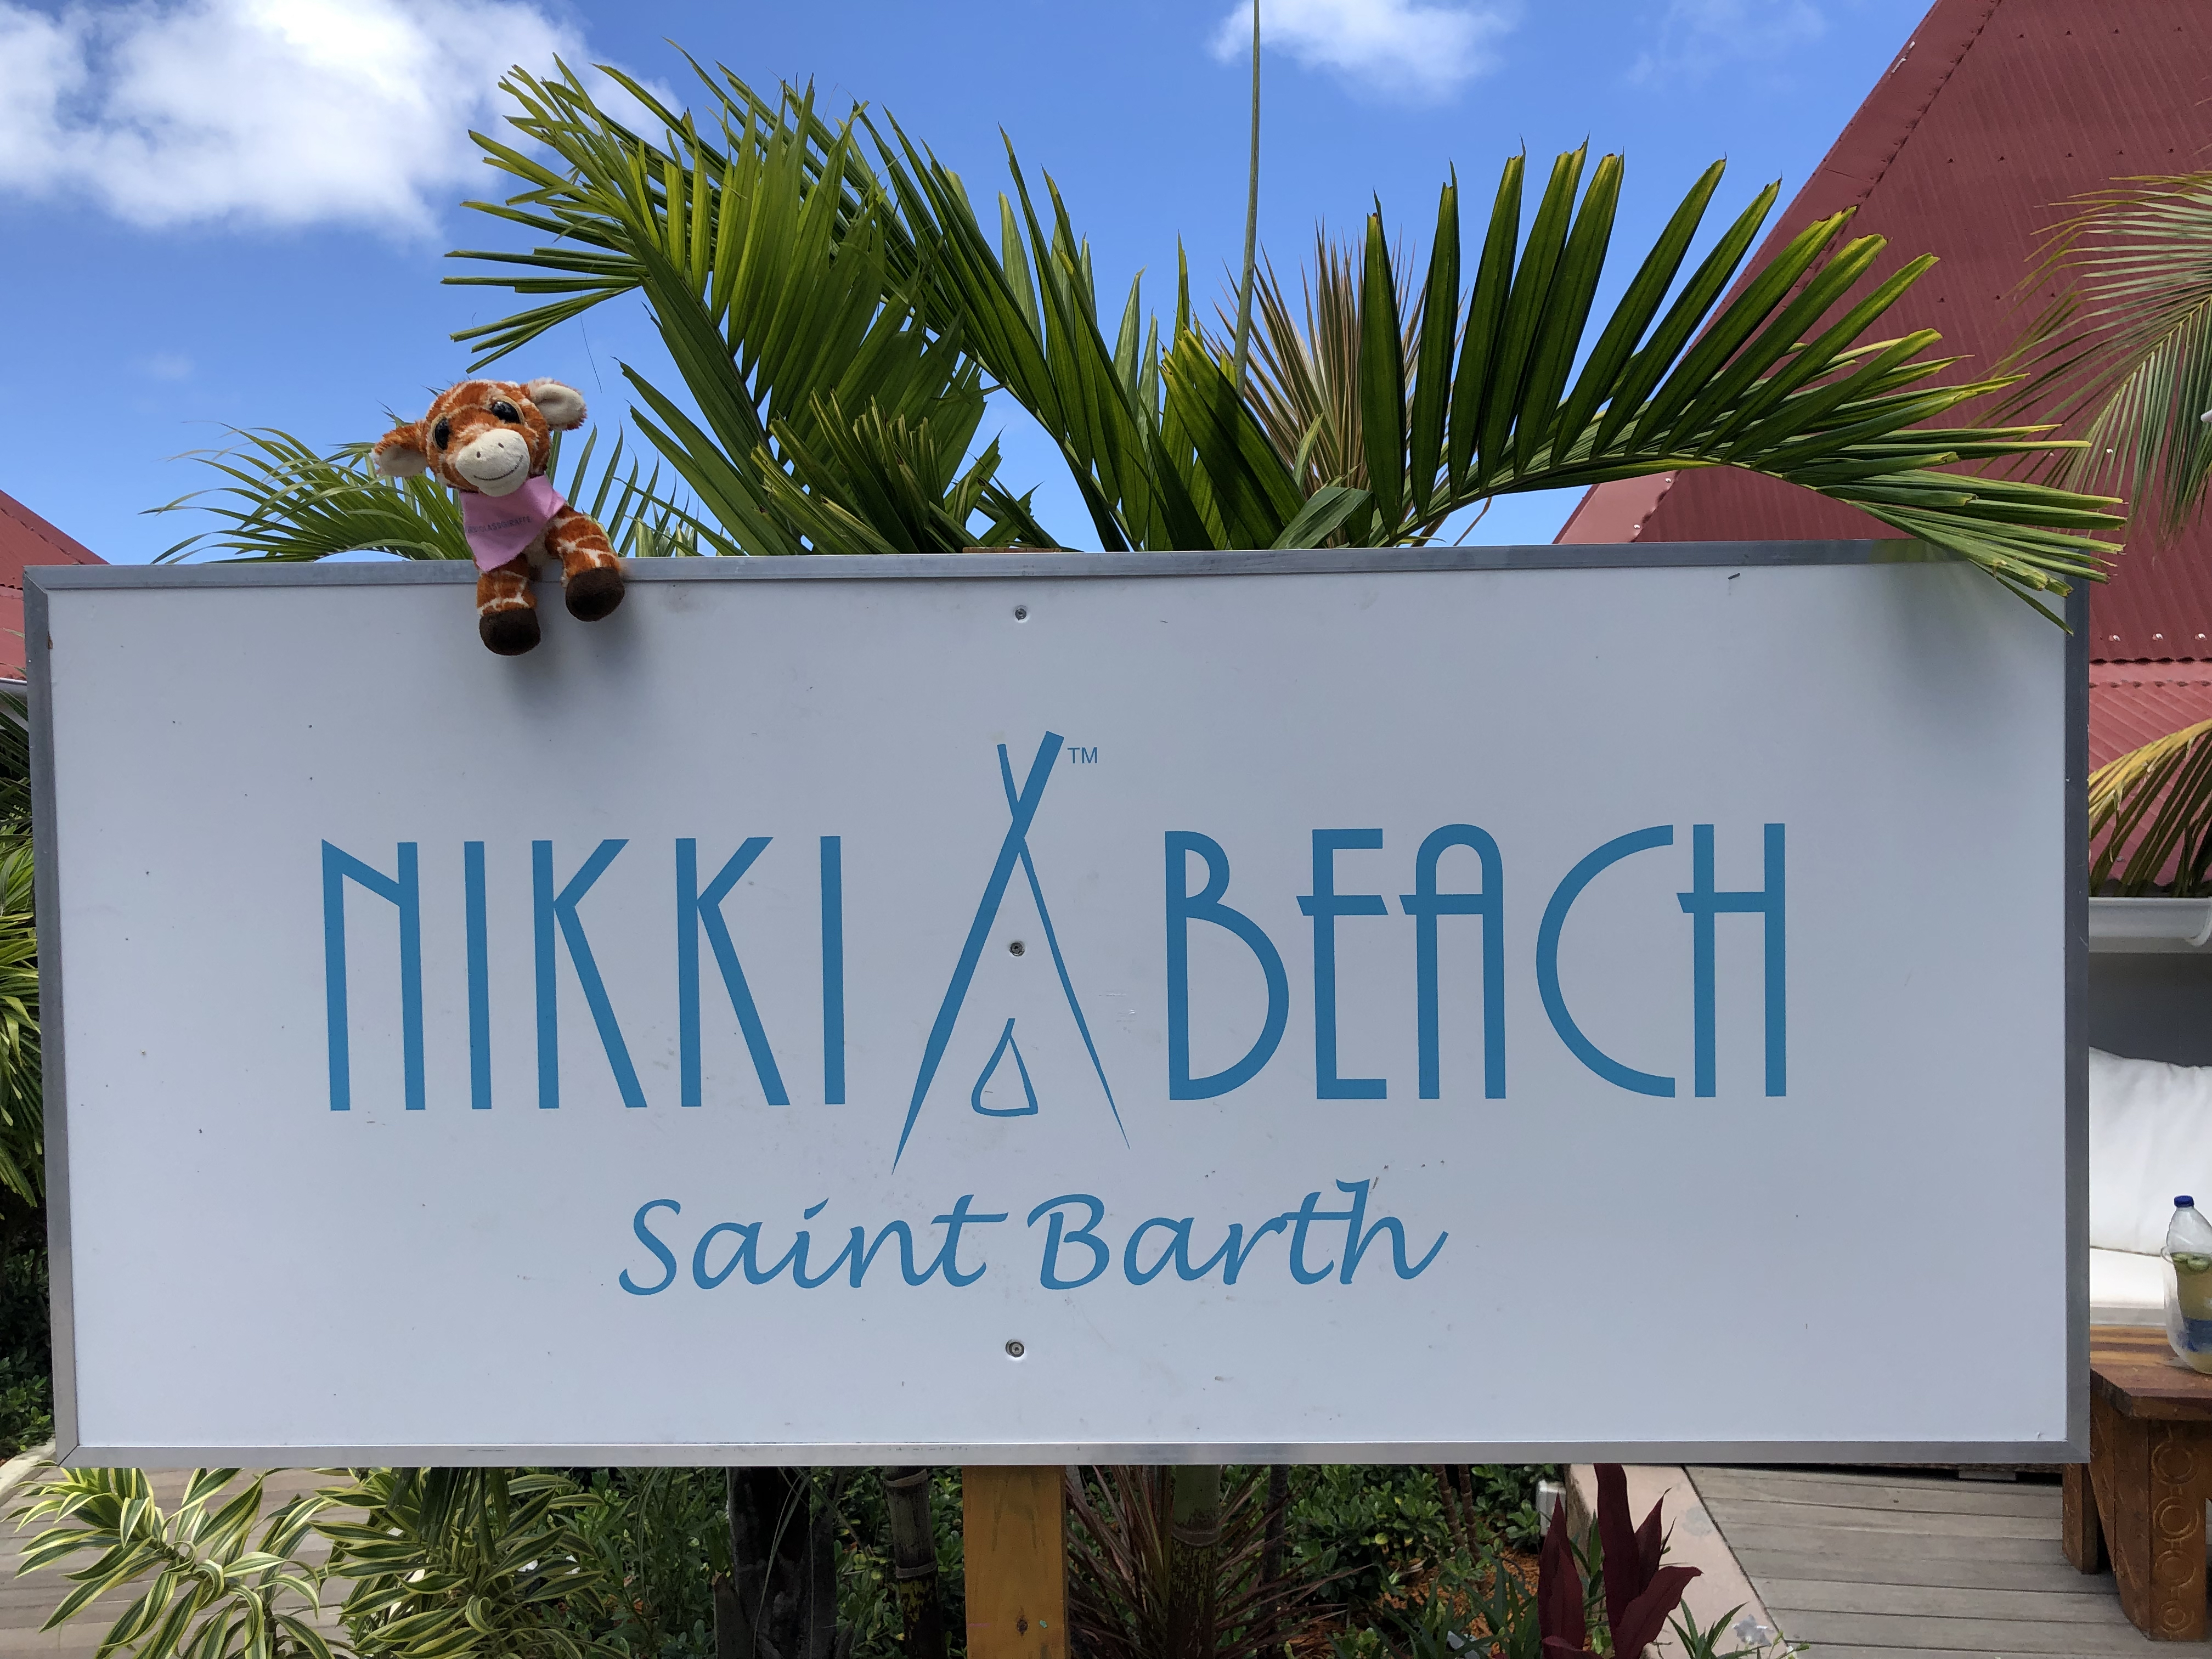 Nikki Beach St Barth